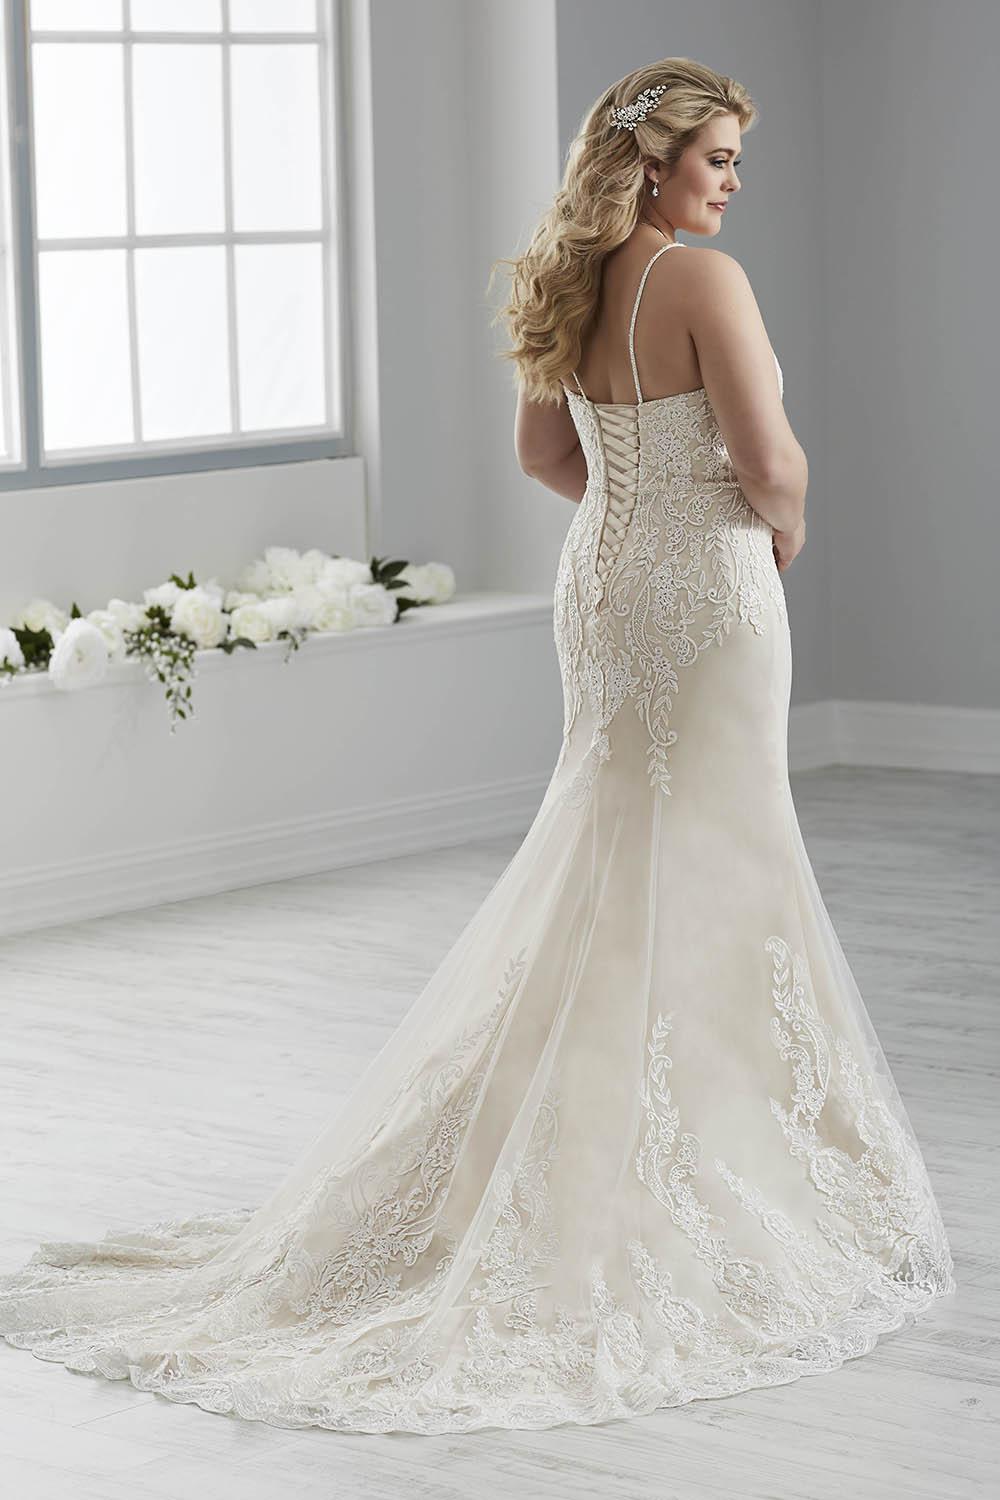 bridal-gowns-jacquelin-bridals-canada-26289